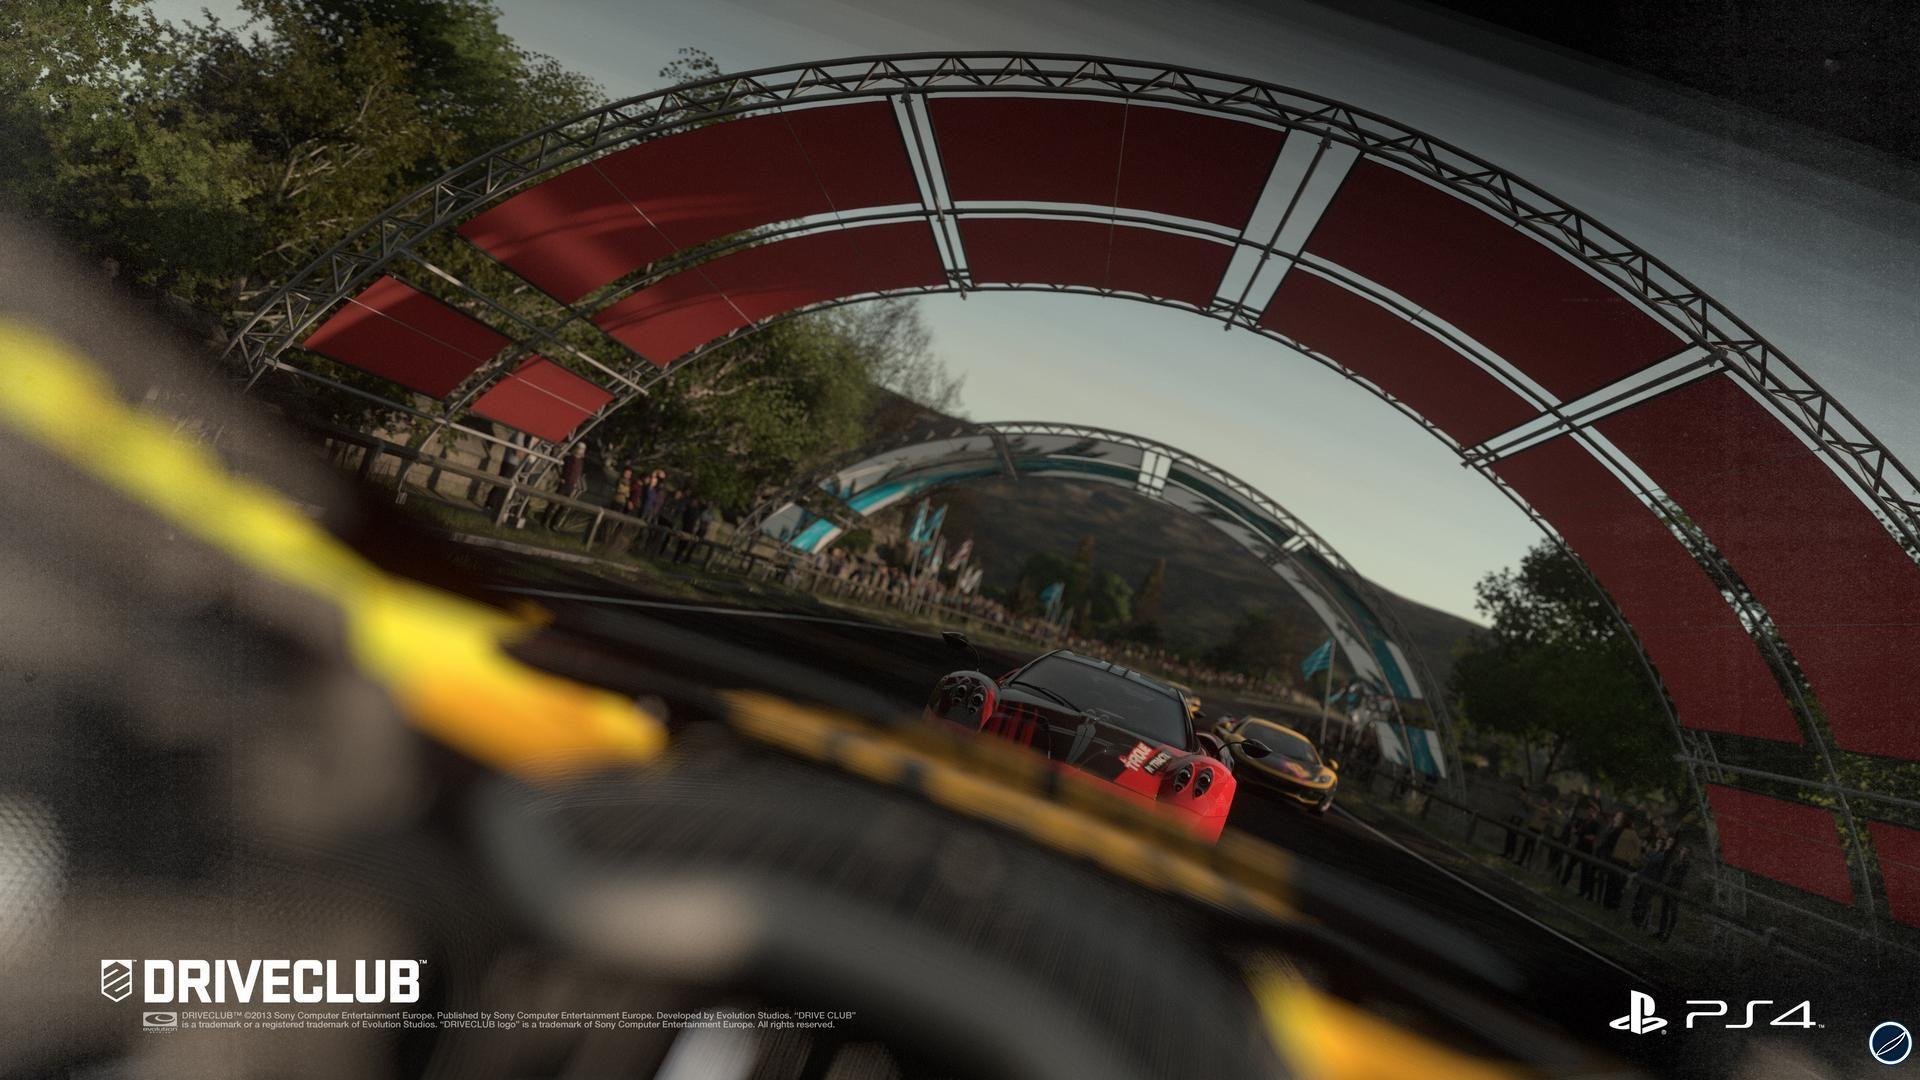 driveclub_PS4_w_9838.jpg